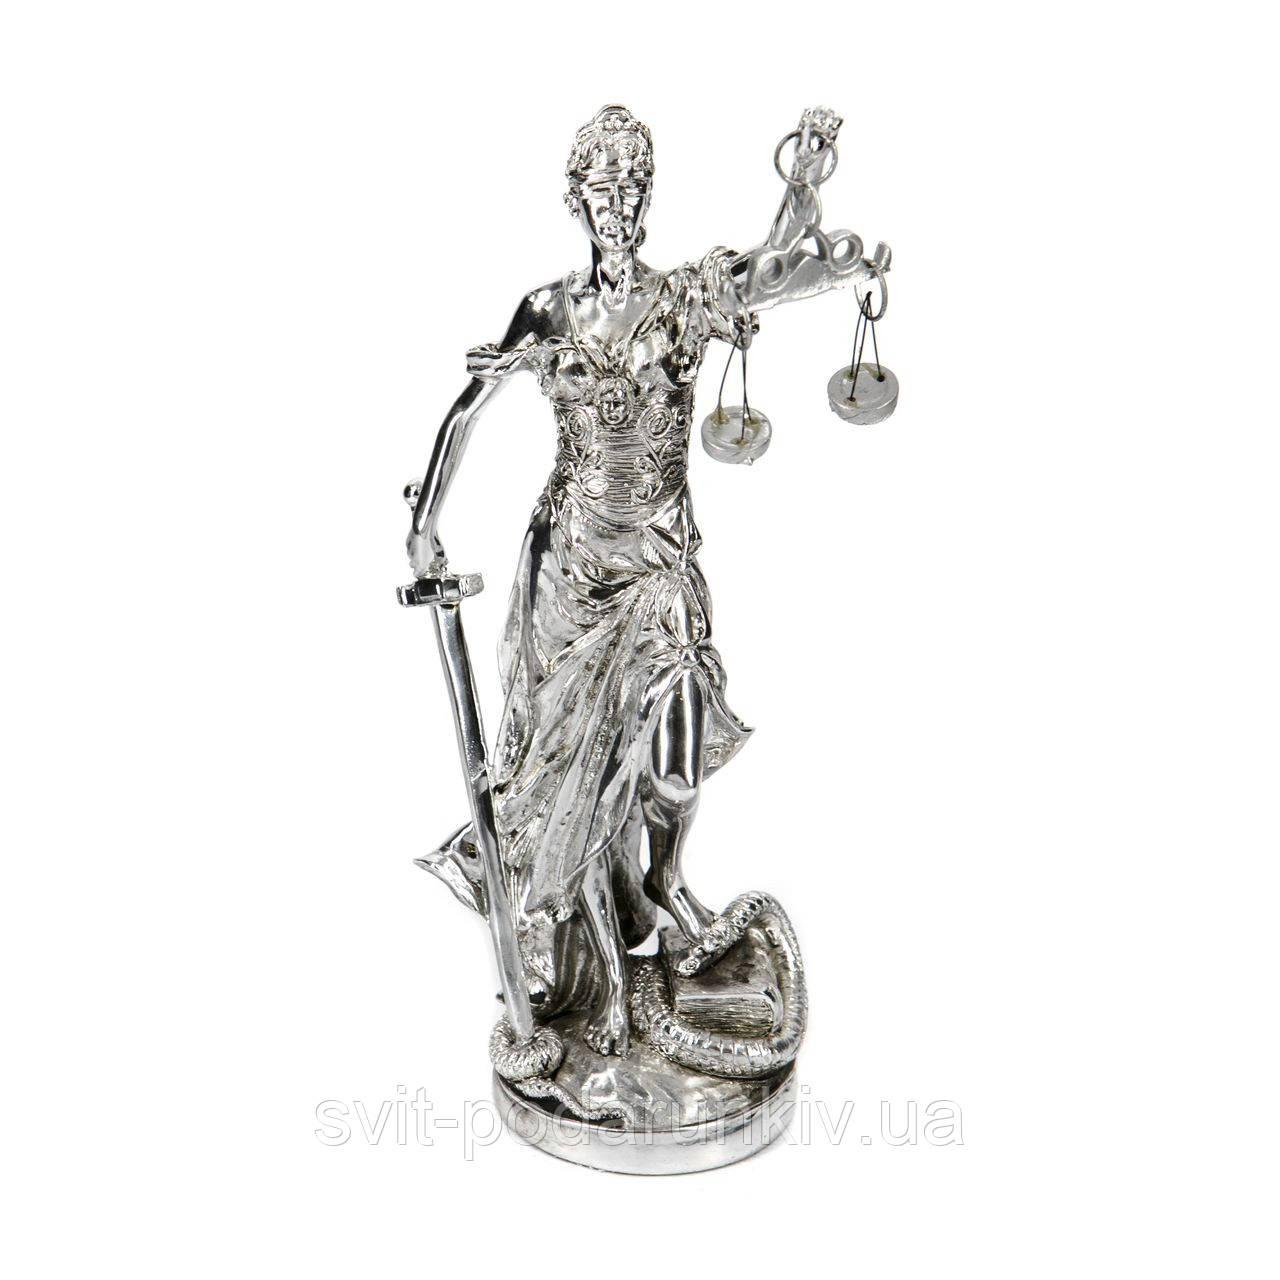 Статуэтка богиня правосудия Фемида с весами и мечом PLS0149S-8